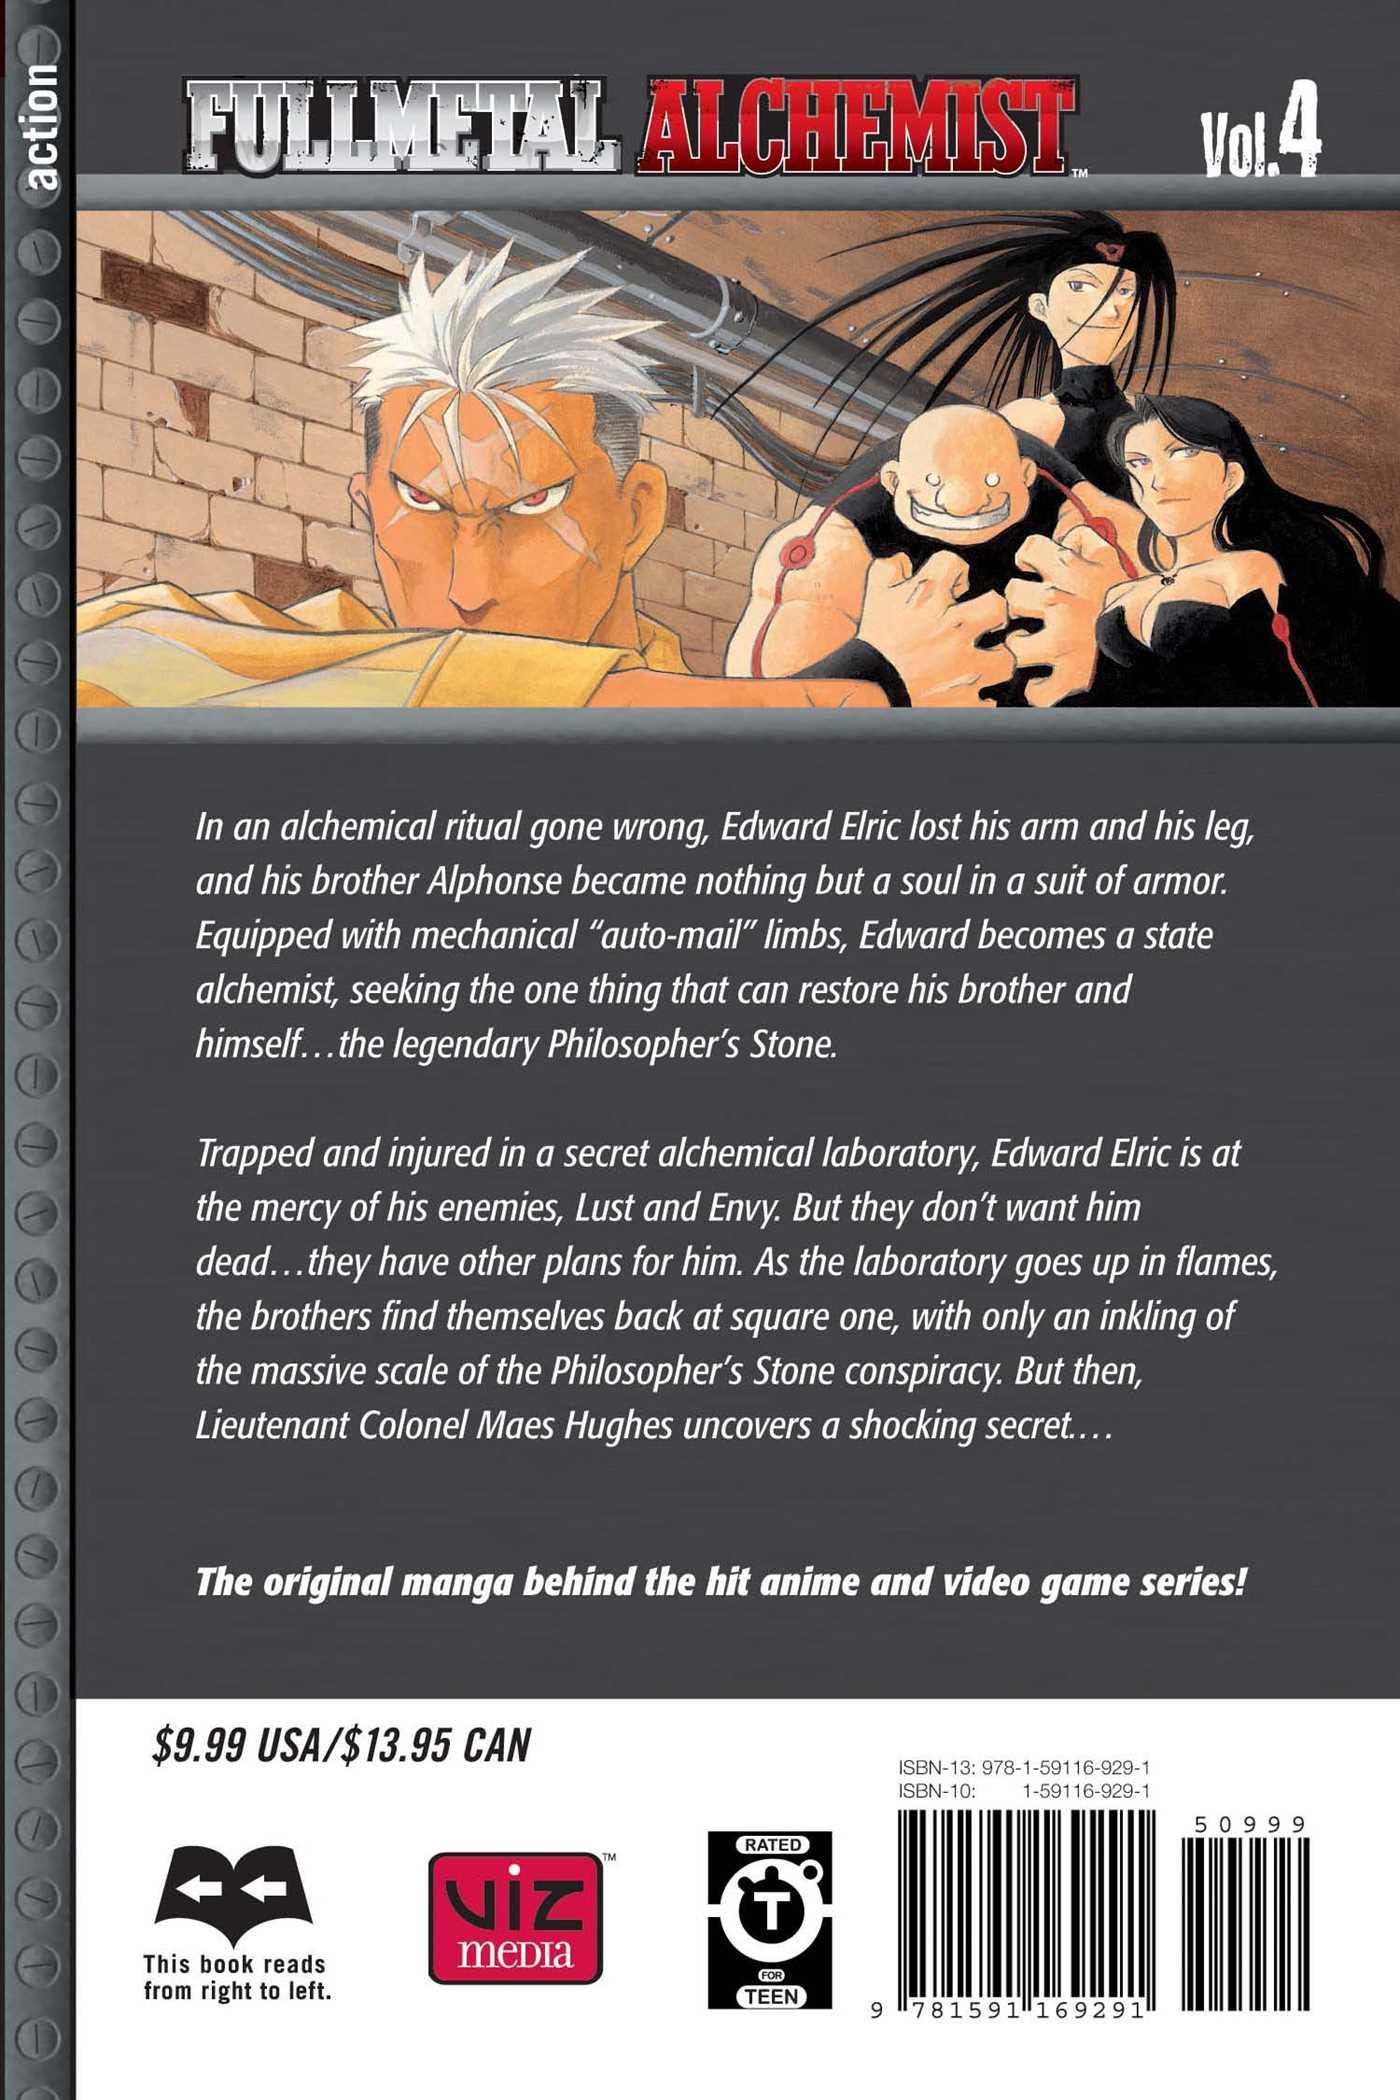 Fullmetal Alchemist, Vol. 4 | Book by Hiromu Arakawa ...